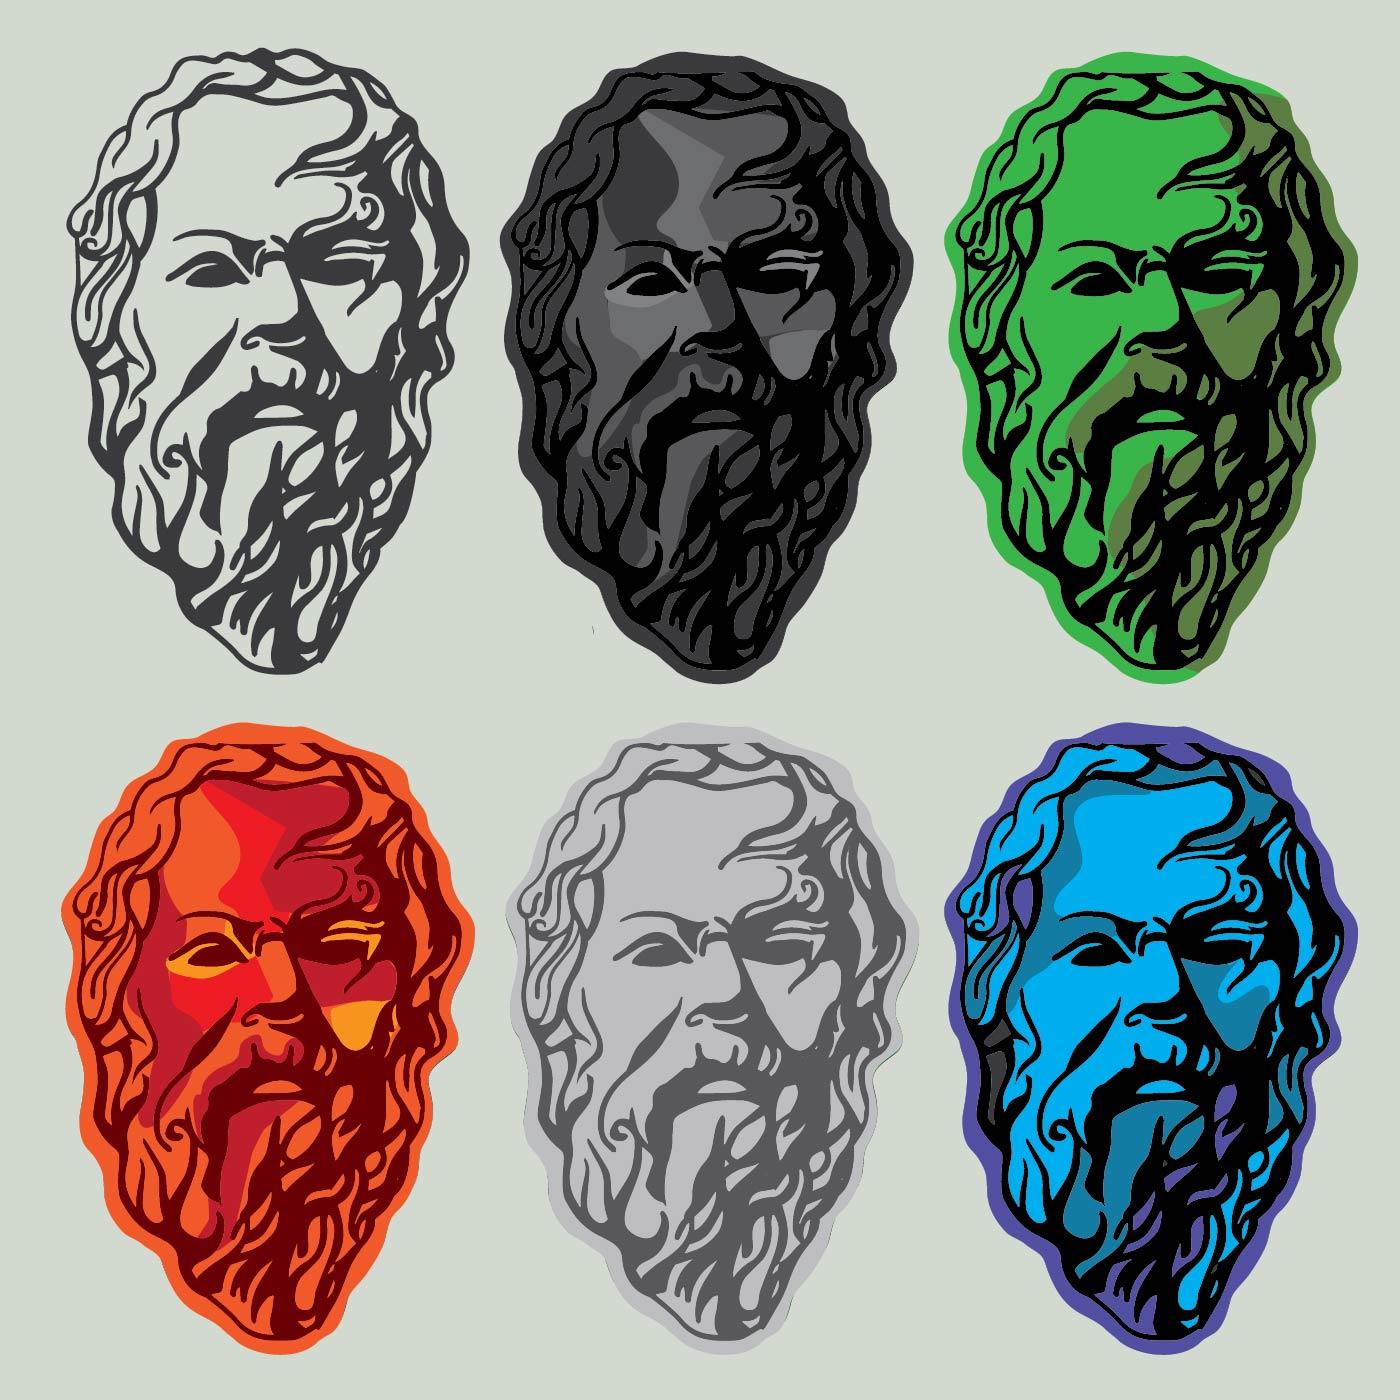 ήταν ο Σωκράτης ο πρώτος άνδρας αξίας